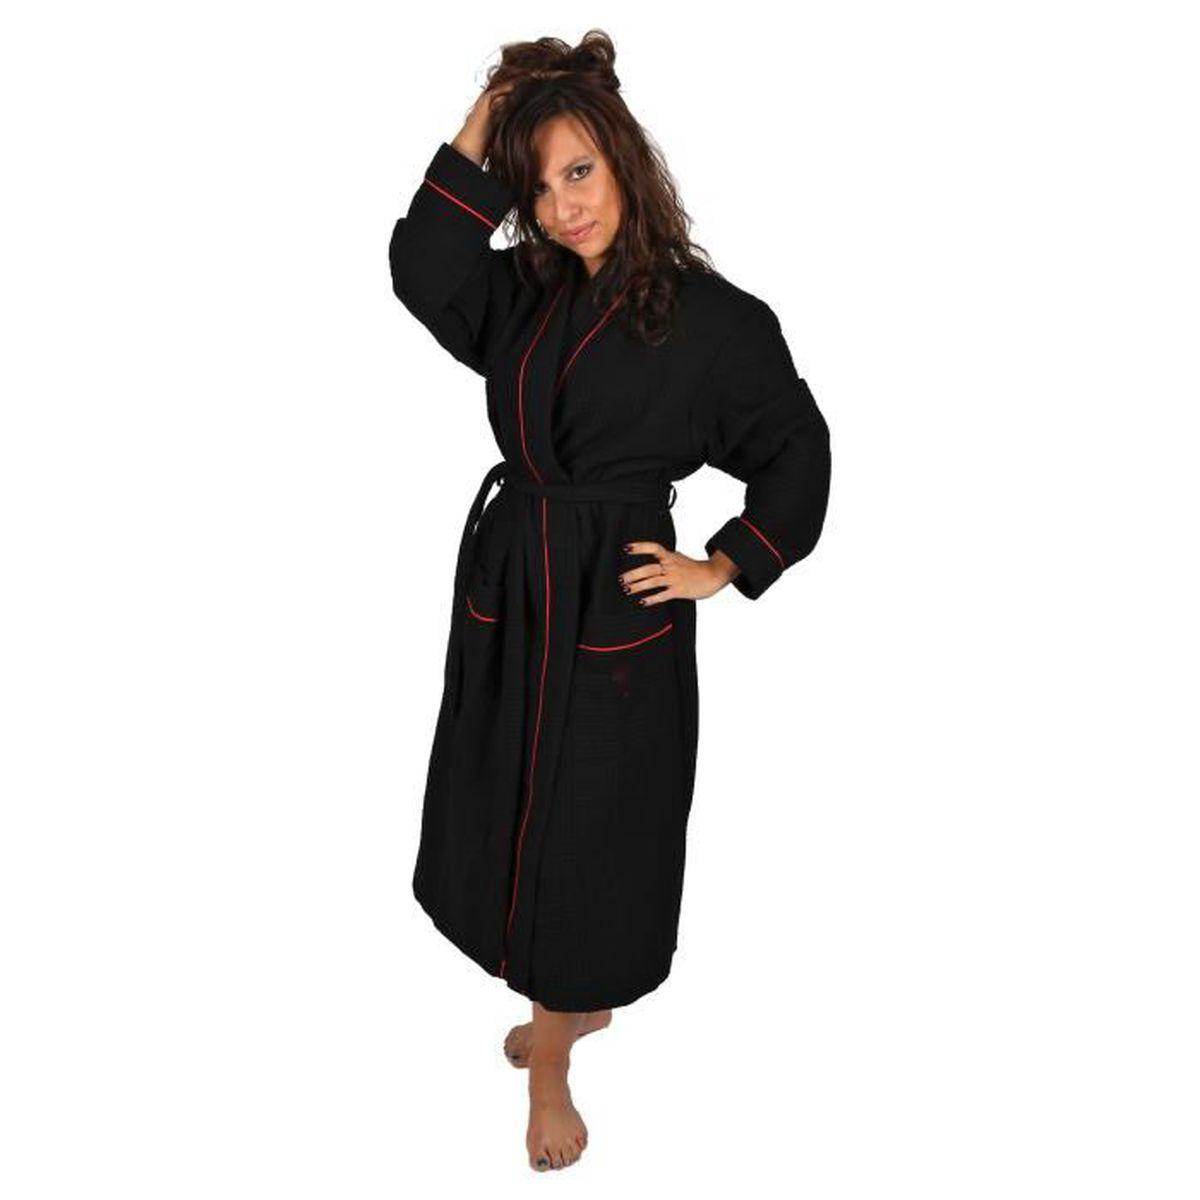 peignoir noir femme achat vente peignoir noir femme pas cher cdiscount. Black Bedroom Furniture Sets. Home Design Ideas